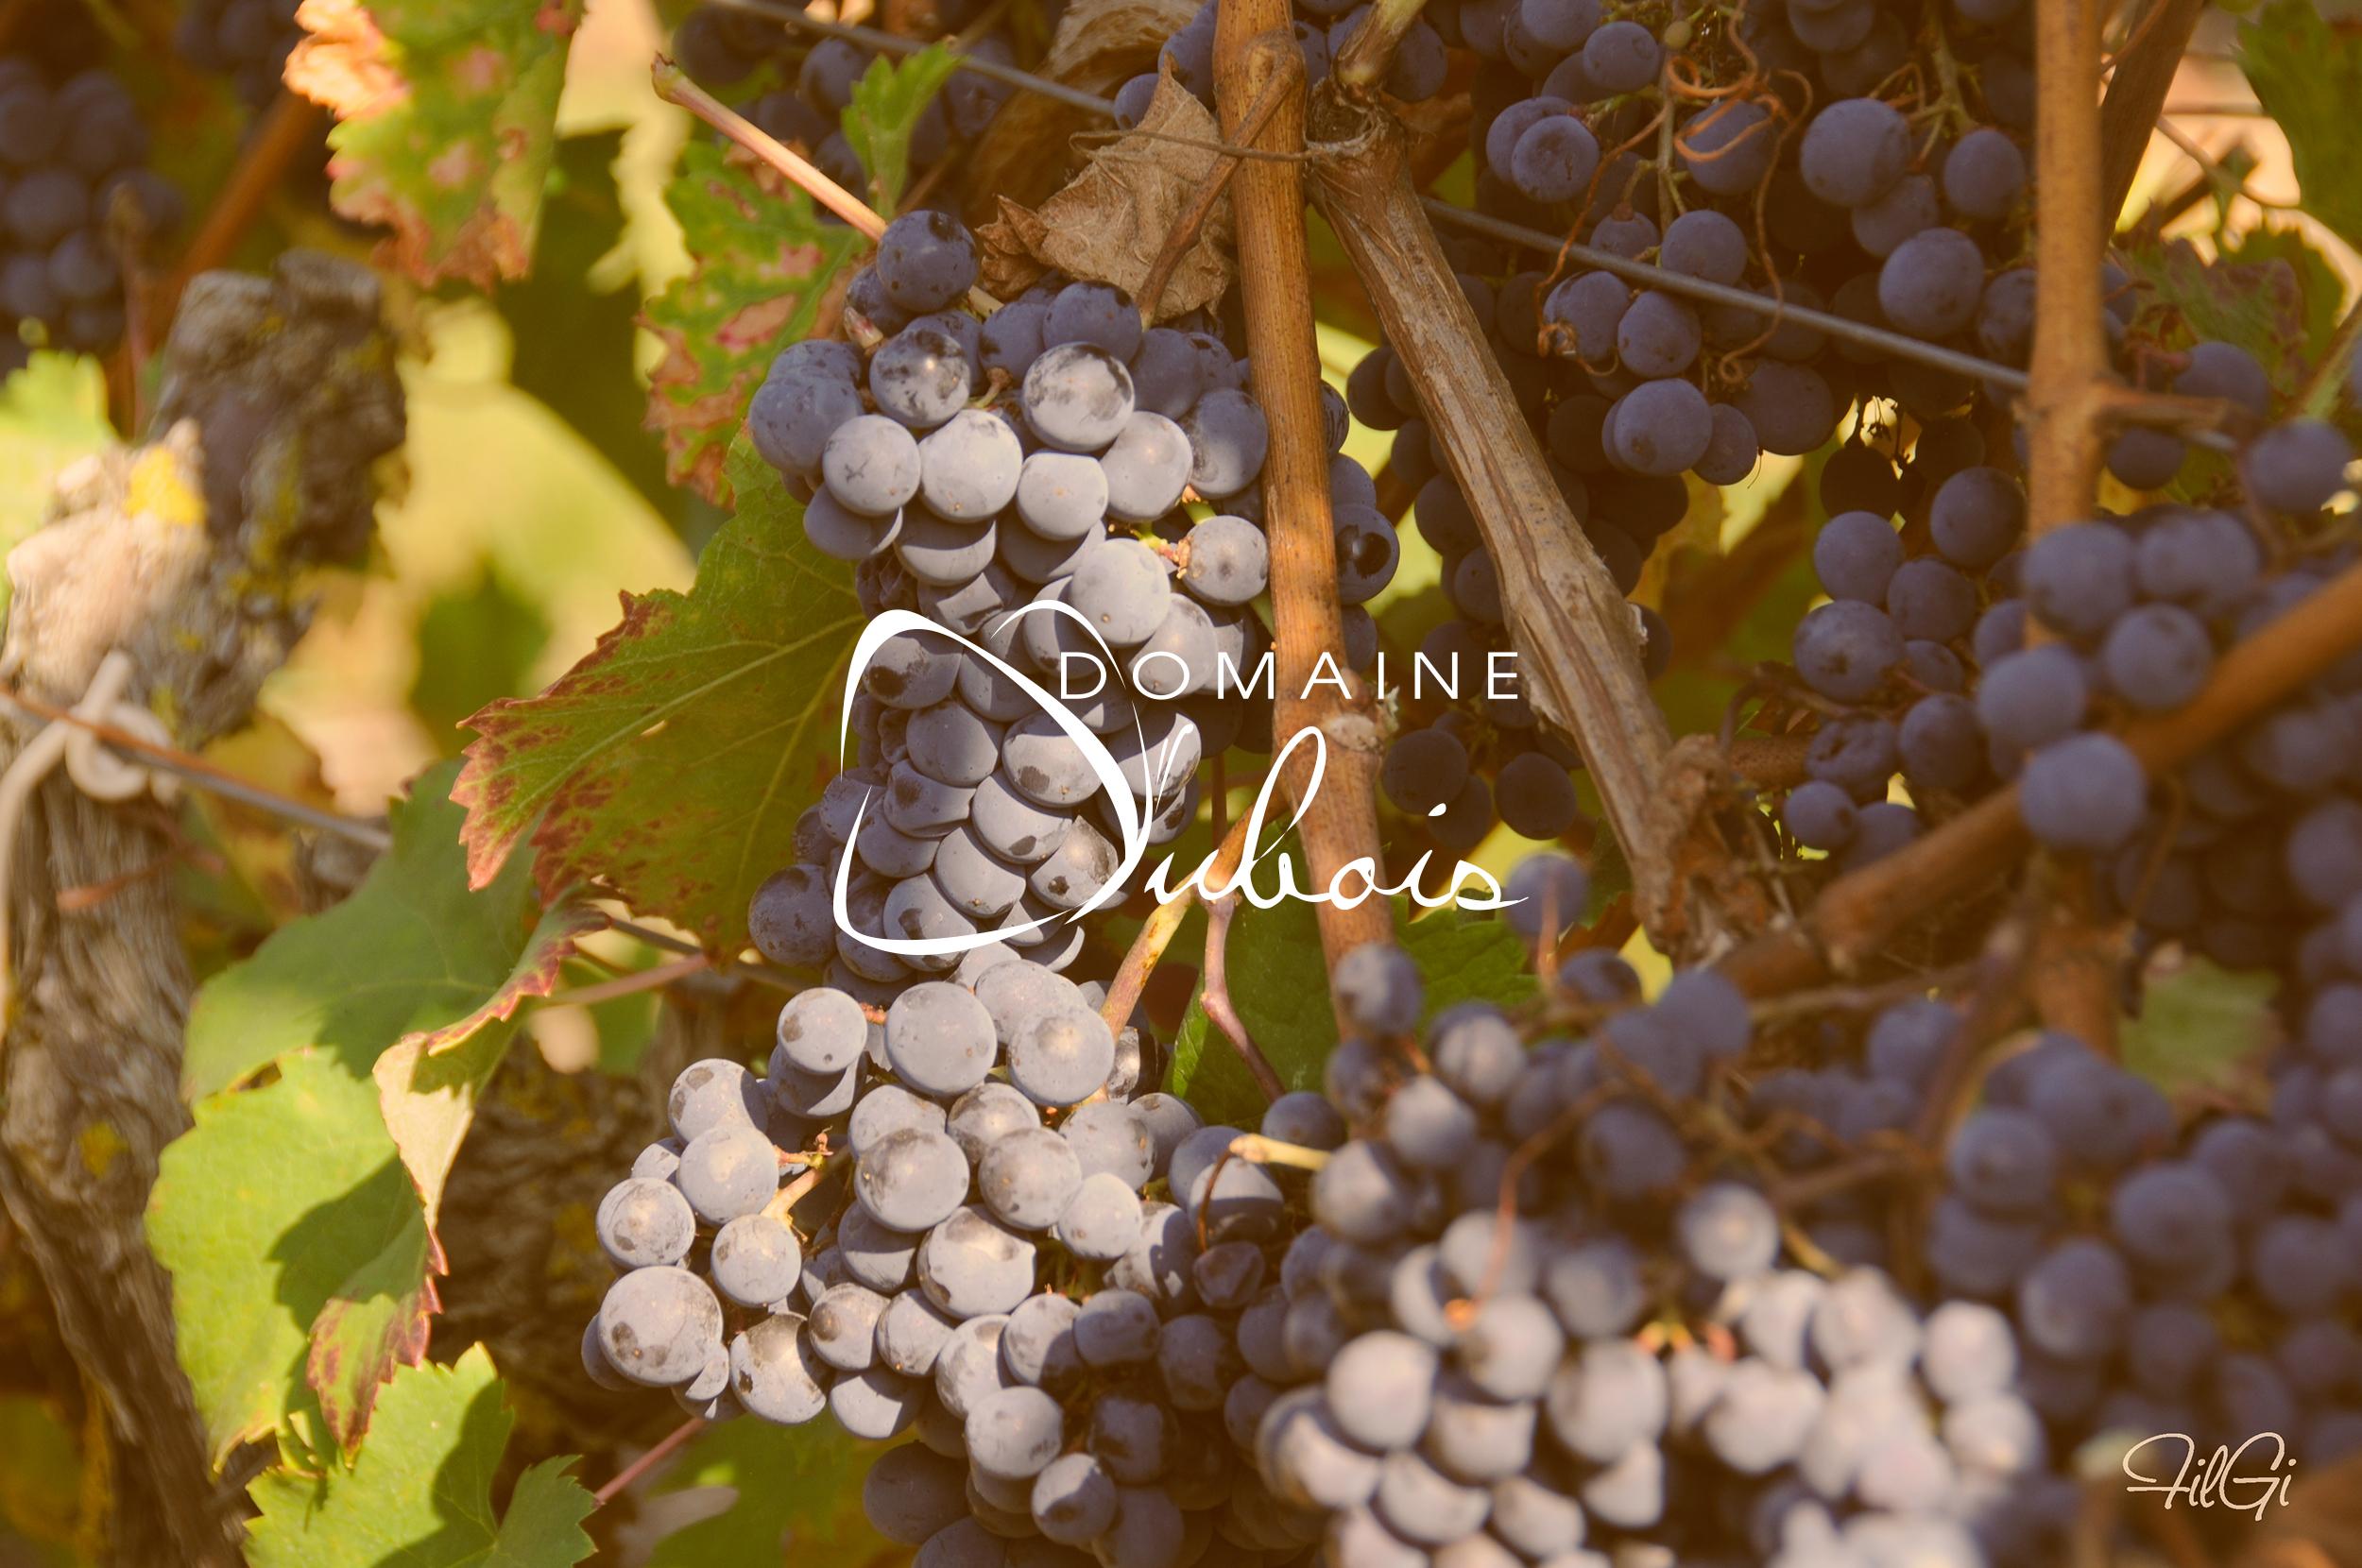 5-raisin-domaine-christelle-dubois